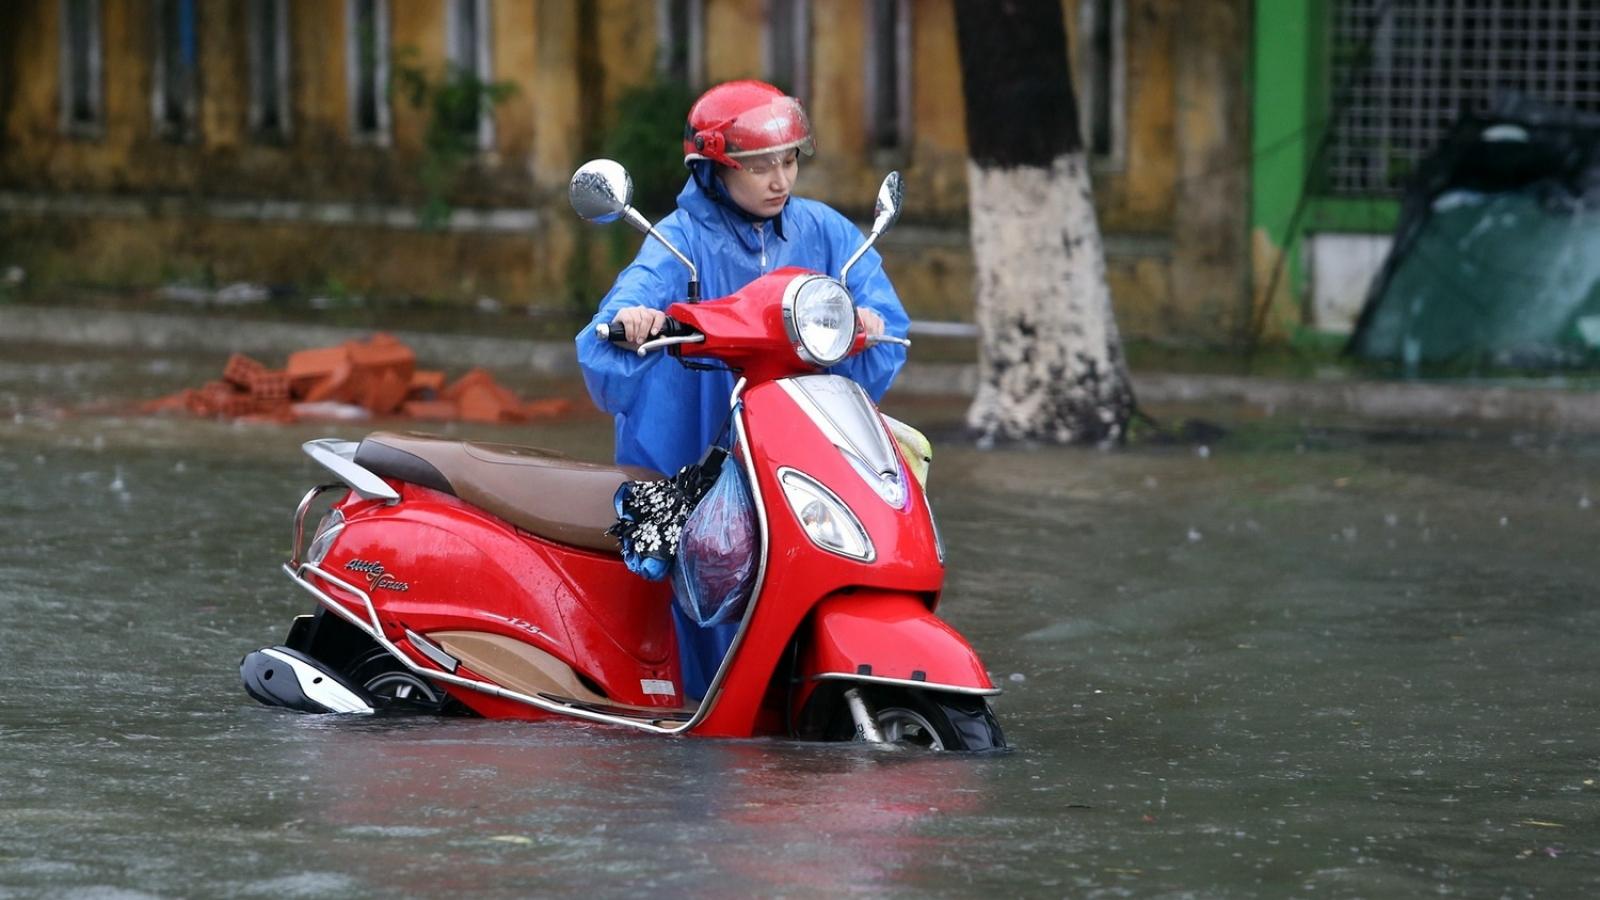 Mưa lũ gây ngập nhiều nơi tại Quảng Nam, người dân bì bõm trong nước